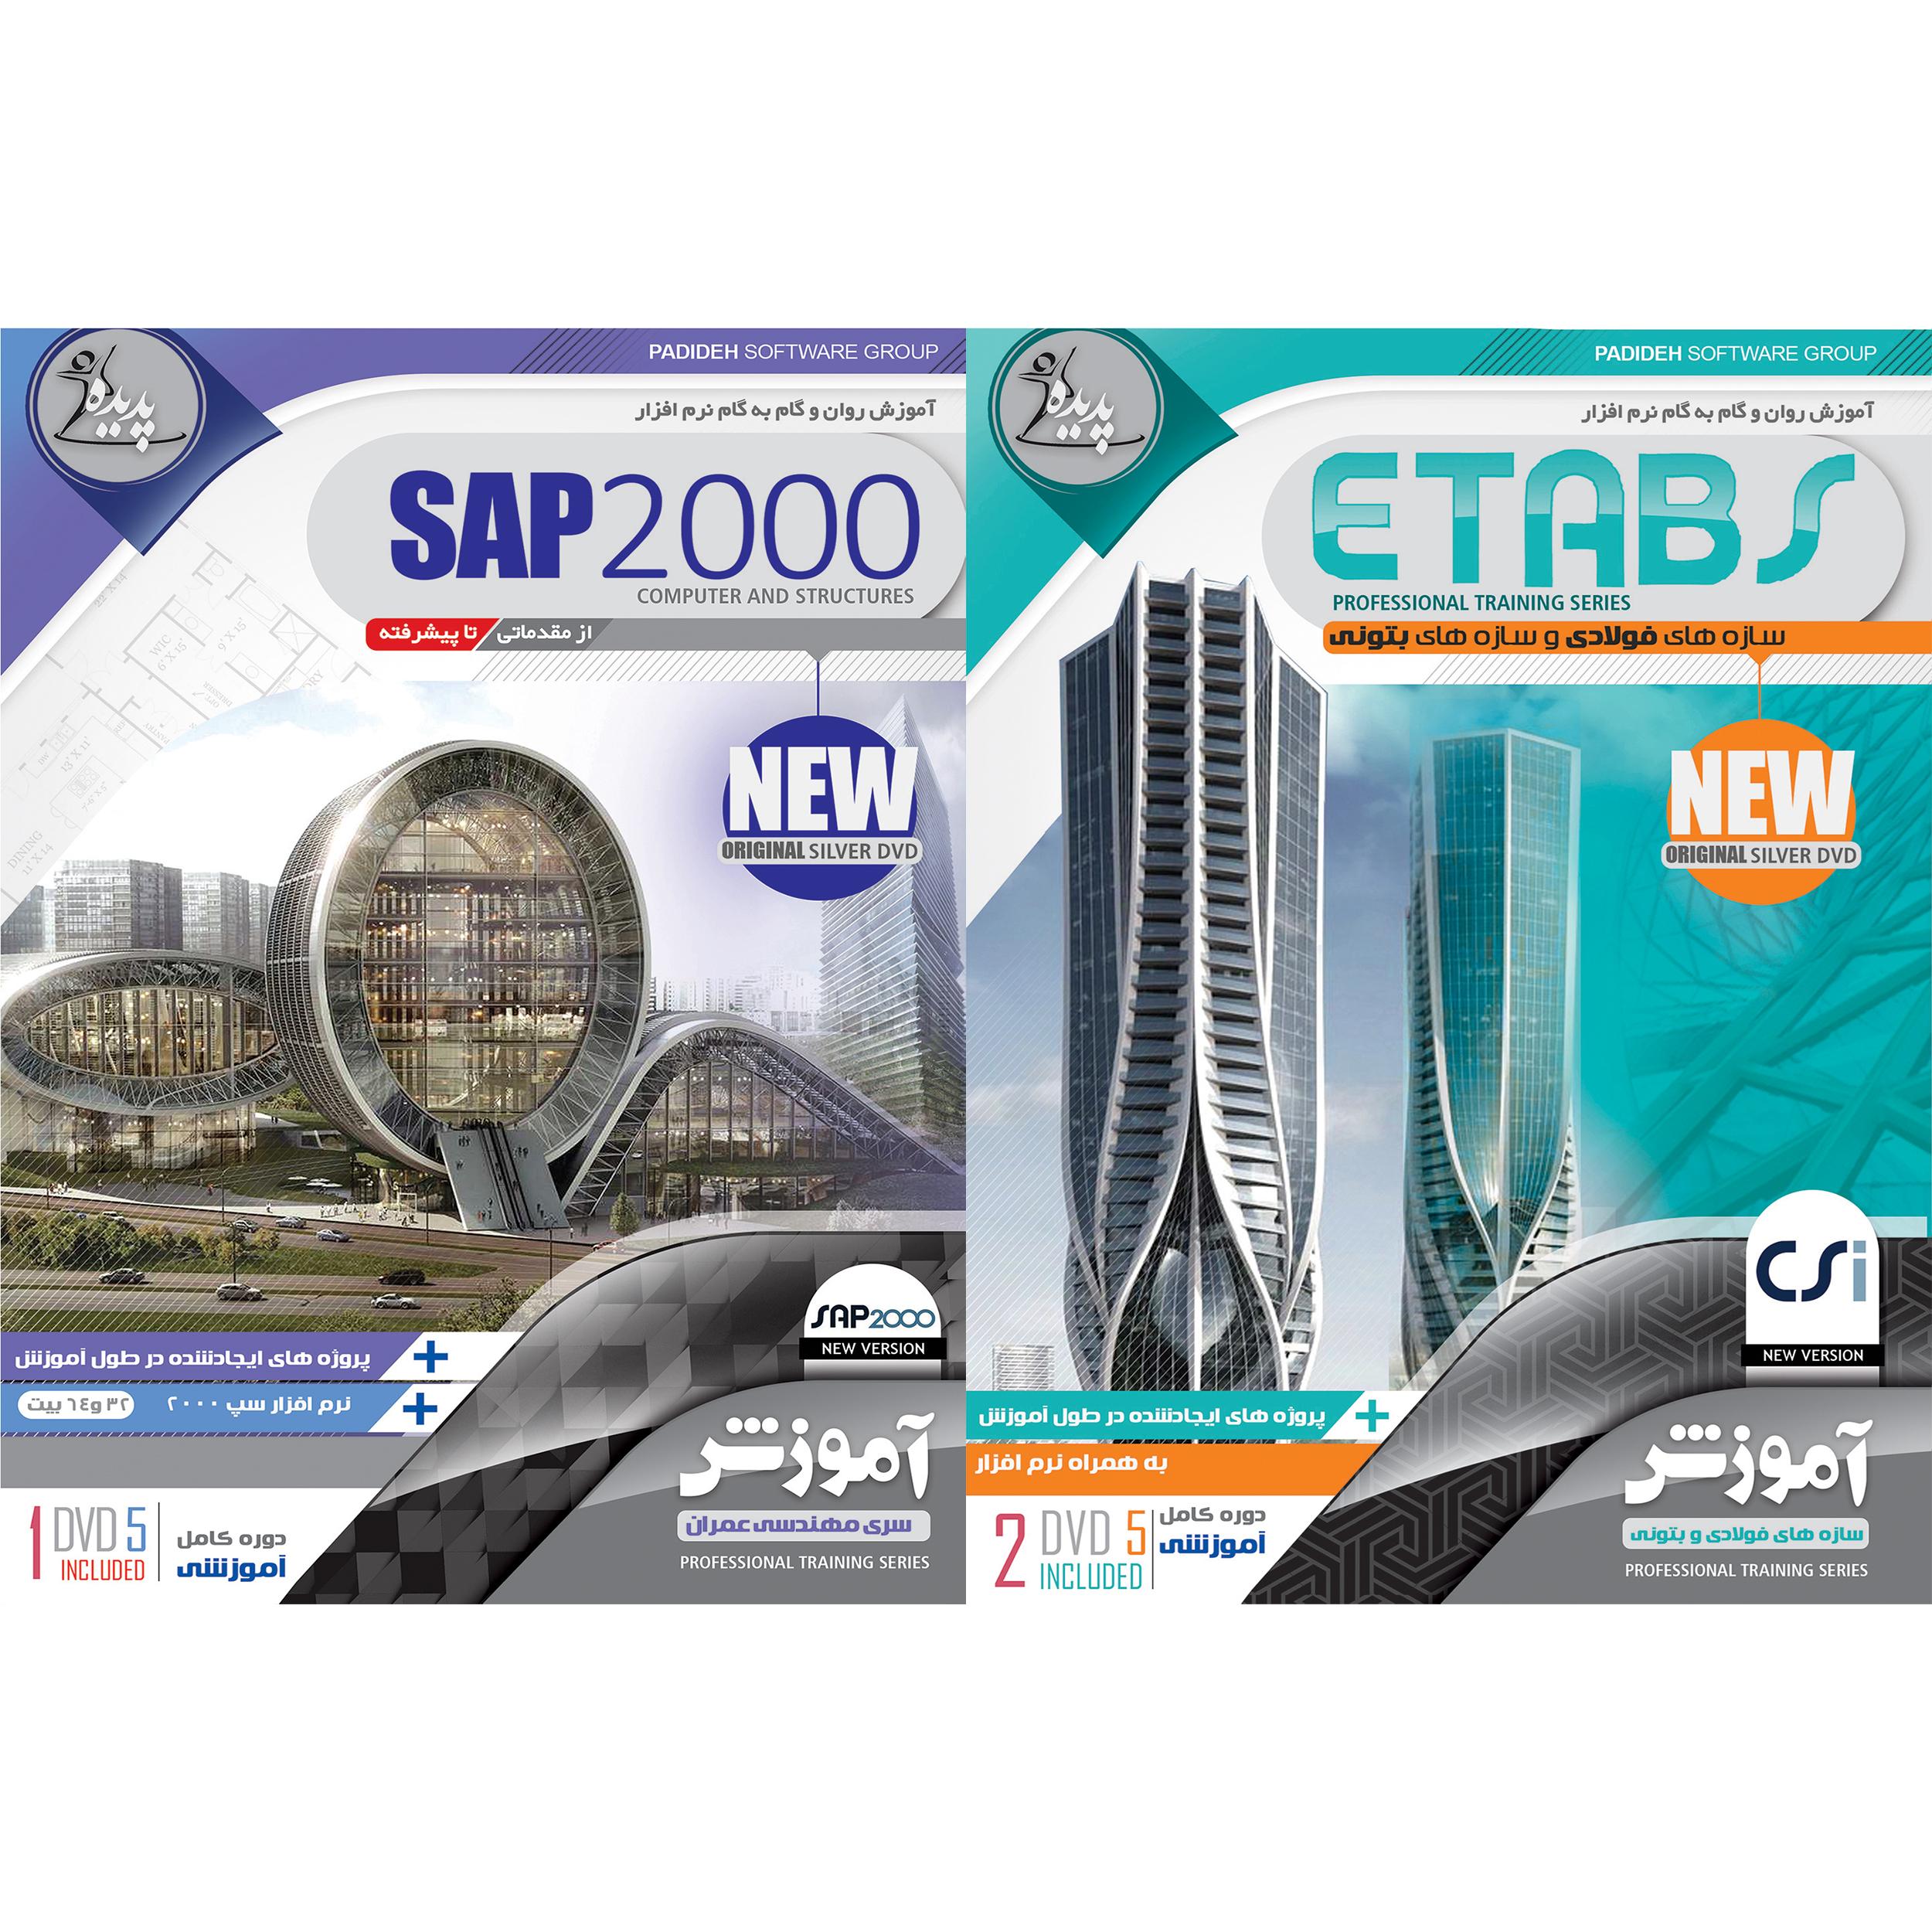 نرم افزار آموزش ETABS نشر پدیده به همراه نرم افزار آموزش SAP 2000 نشر پدیده